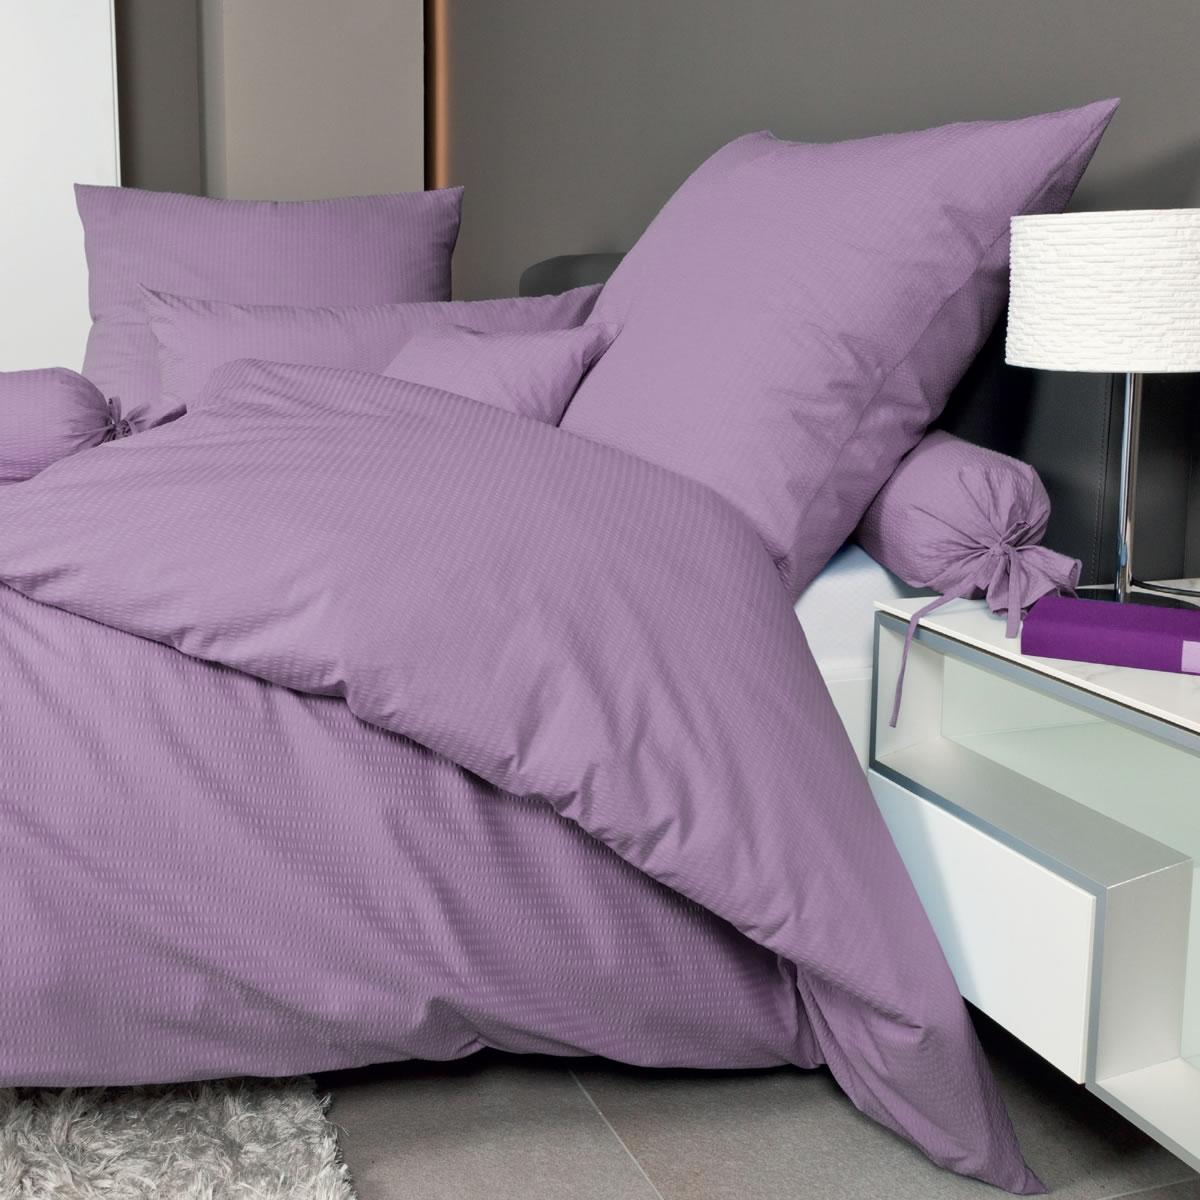 janine mako soft seersucker kissenbezug oder bettw sche 0125 piano baumwolle. Black Bedroom Furniture Sets. Home Design Ideas